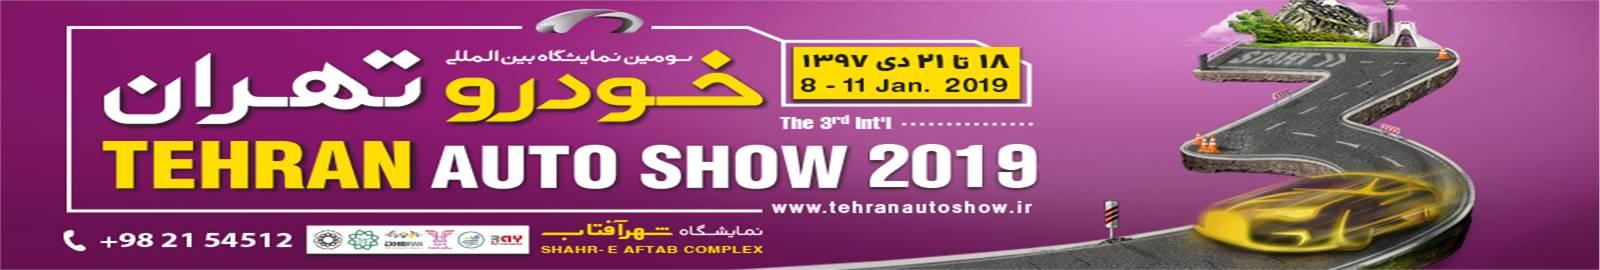 سومین نمایشگاه صنعت خودرو تهران